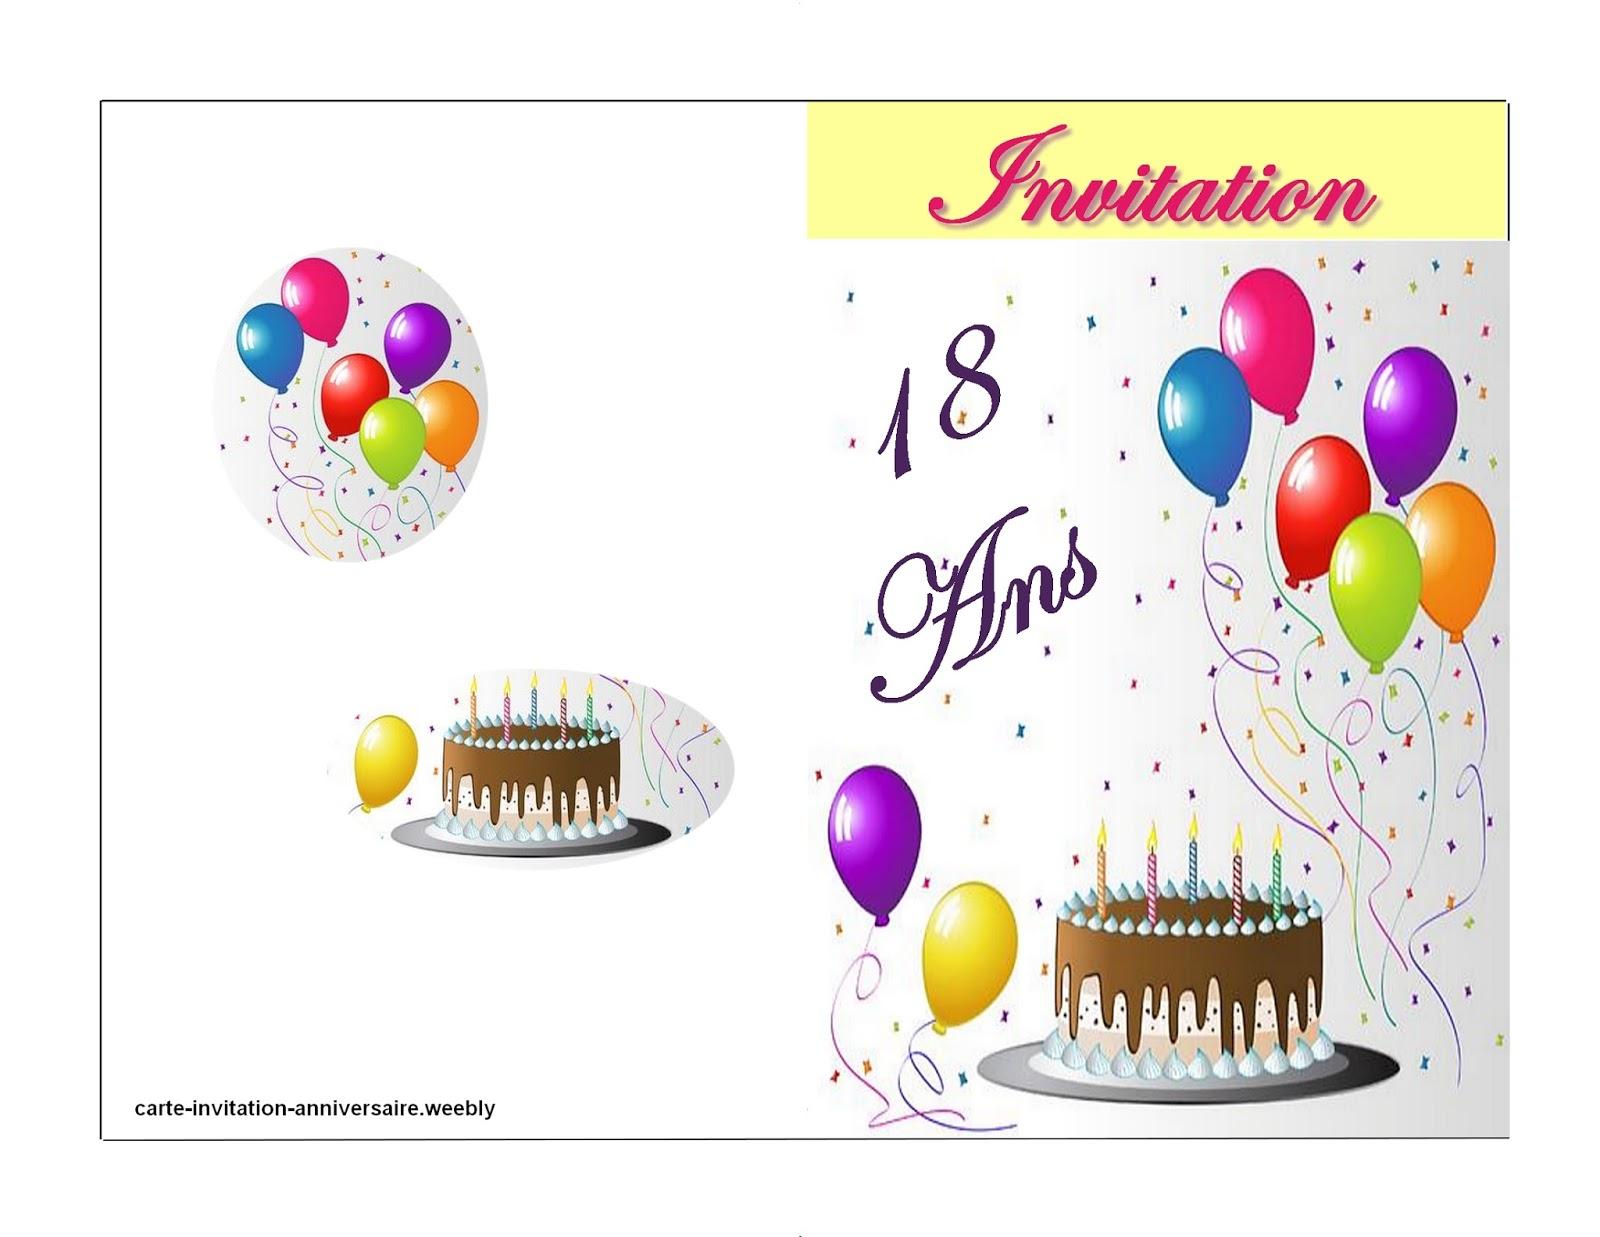 Très Imprimer carte: Carte invitation anniversaire à imprimer  YM12